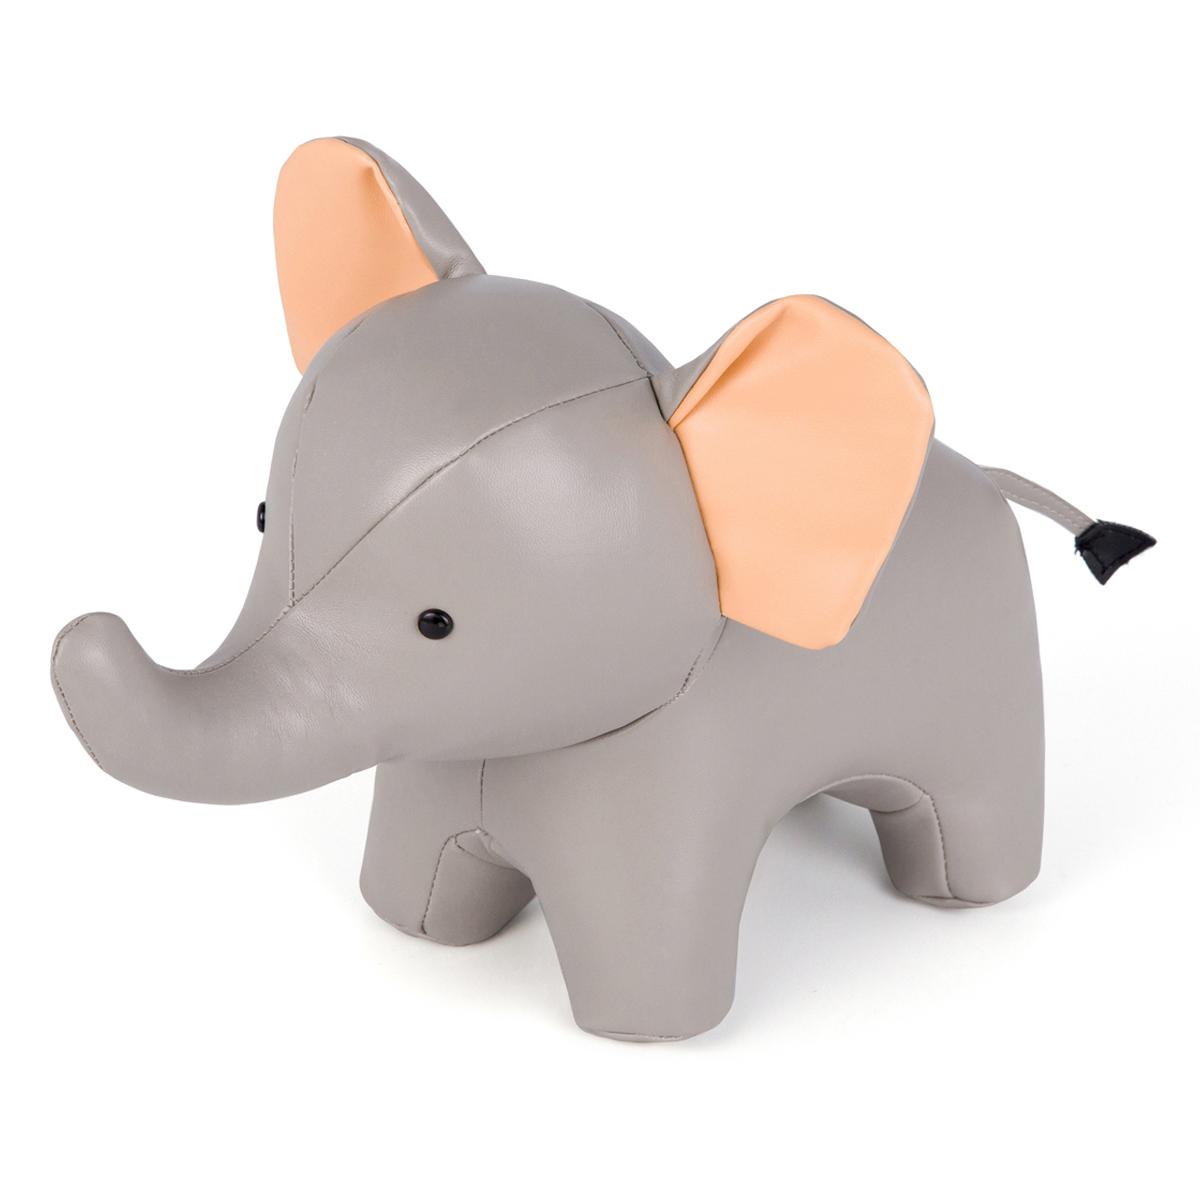 Mes premiers jouets Vincent l'Eléphant - Les Animaux Musicaux Vincent l'Eléphant - Les Animaux Musicaux